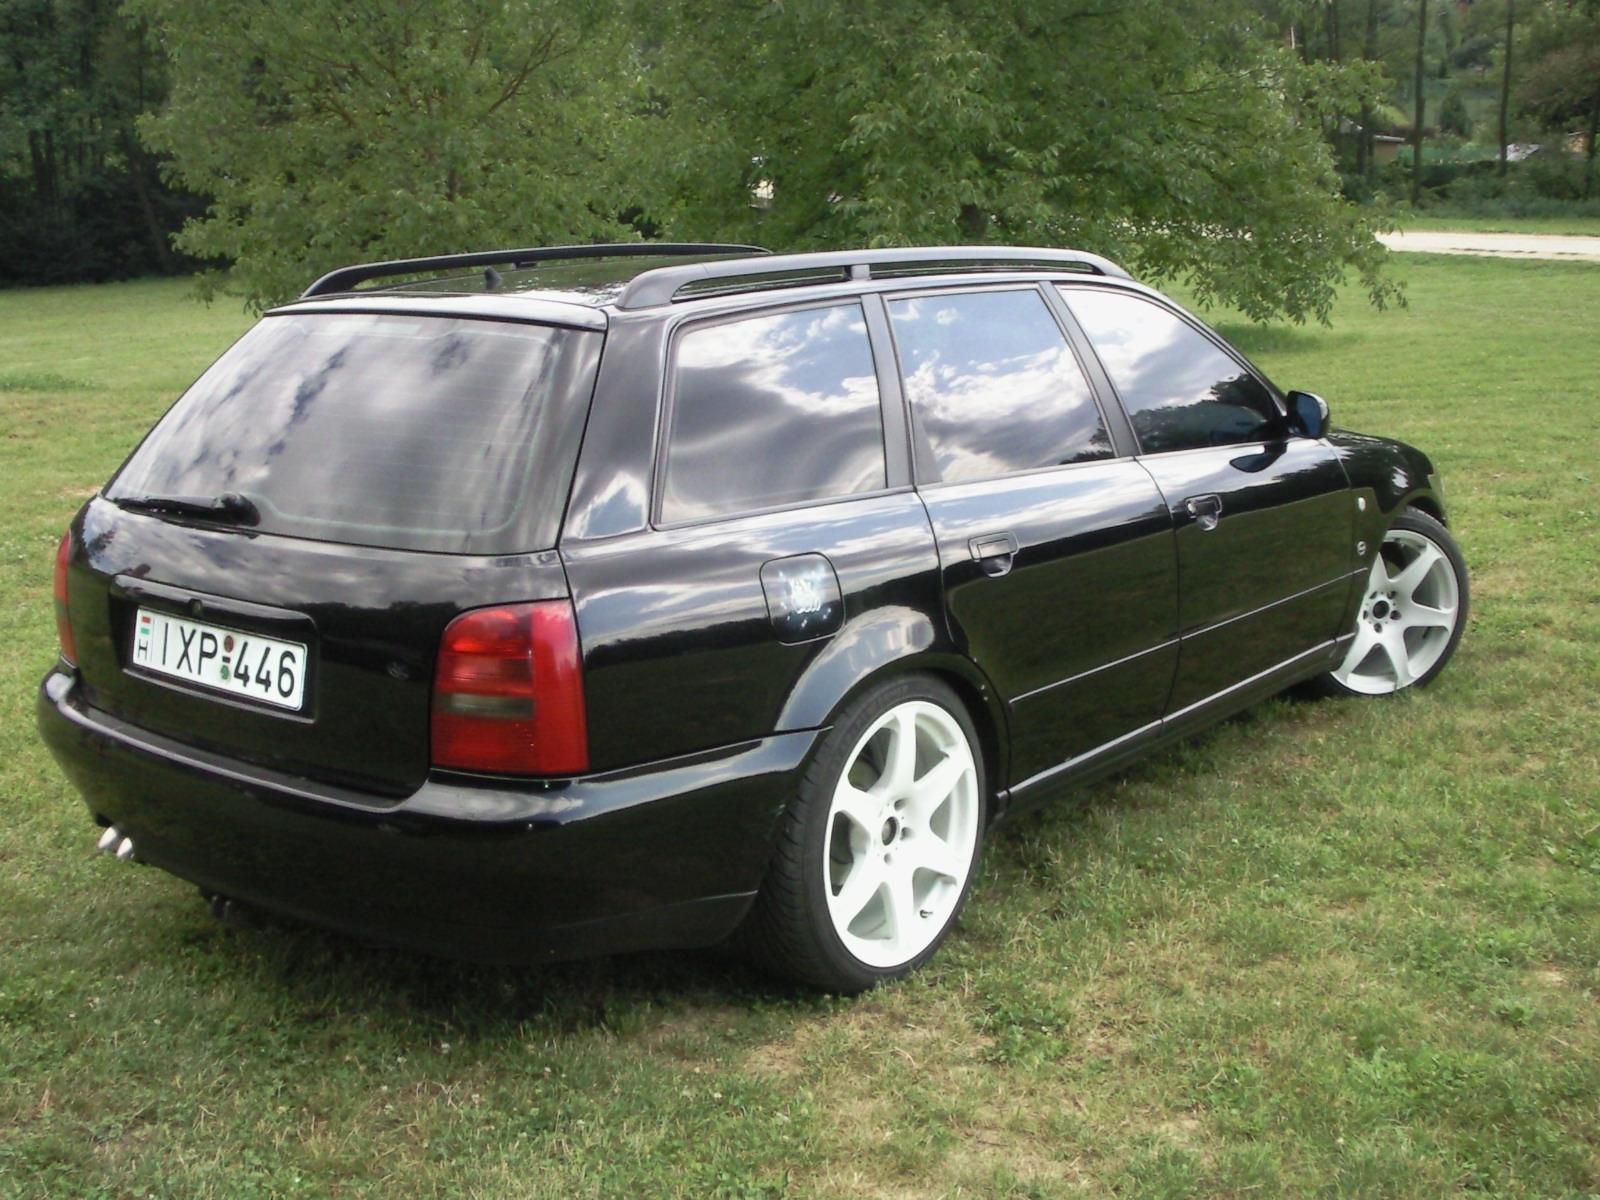 Audi A4 Avant 19 Tdi Tuning Blackaudi Carstylingcom Magyar